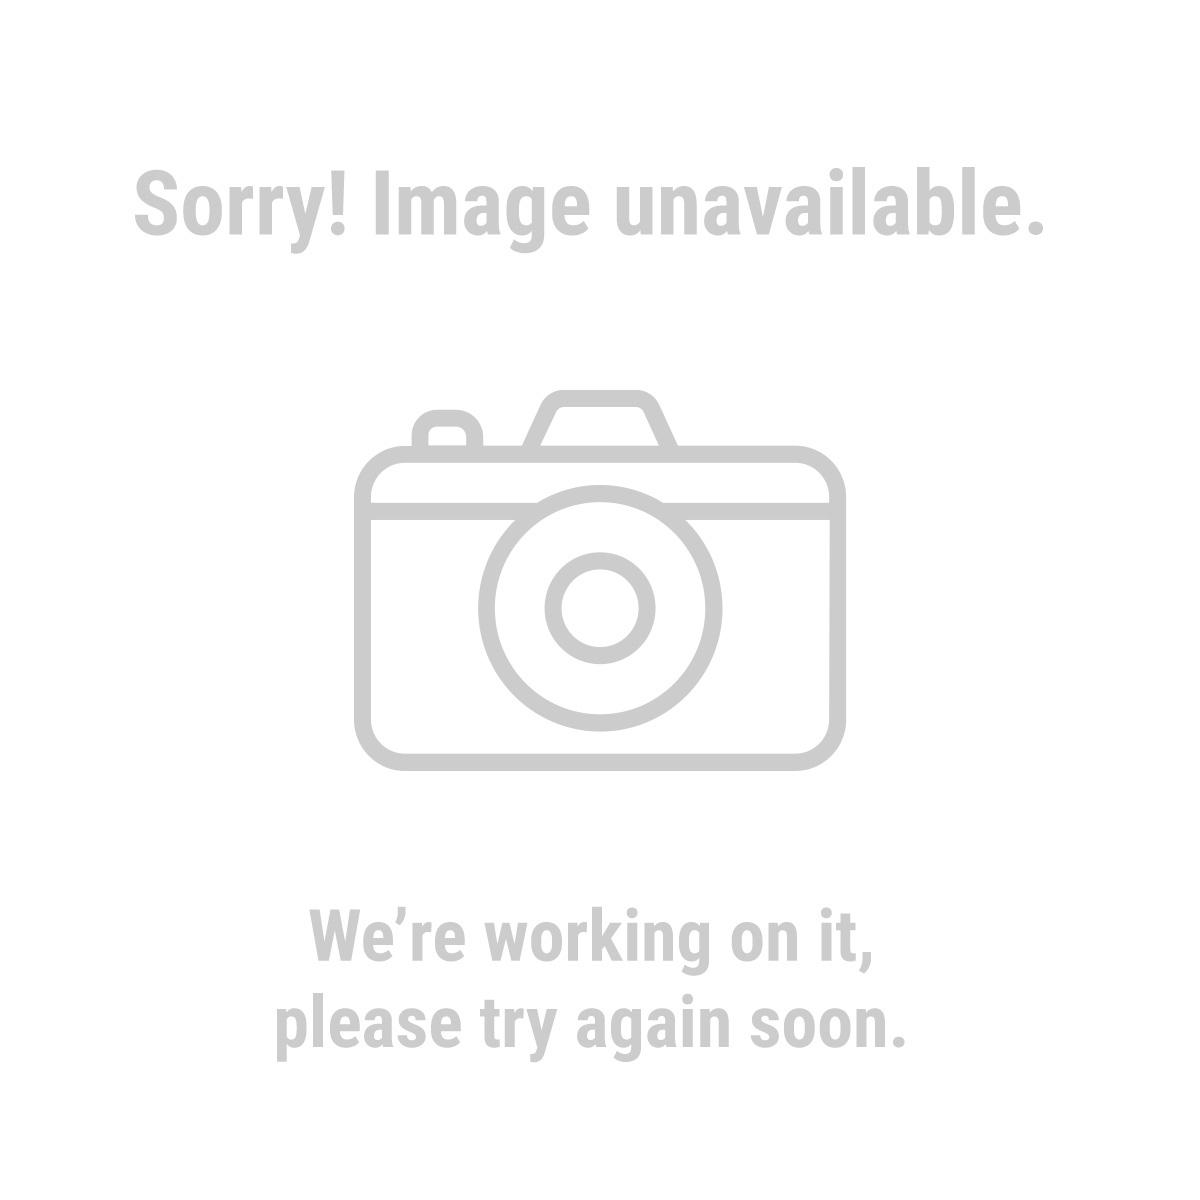 """HFT 46412 11 ft. 4"""" x 9 ft. 4"""" Camouflage Tarp"""